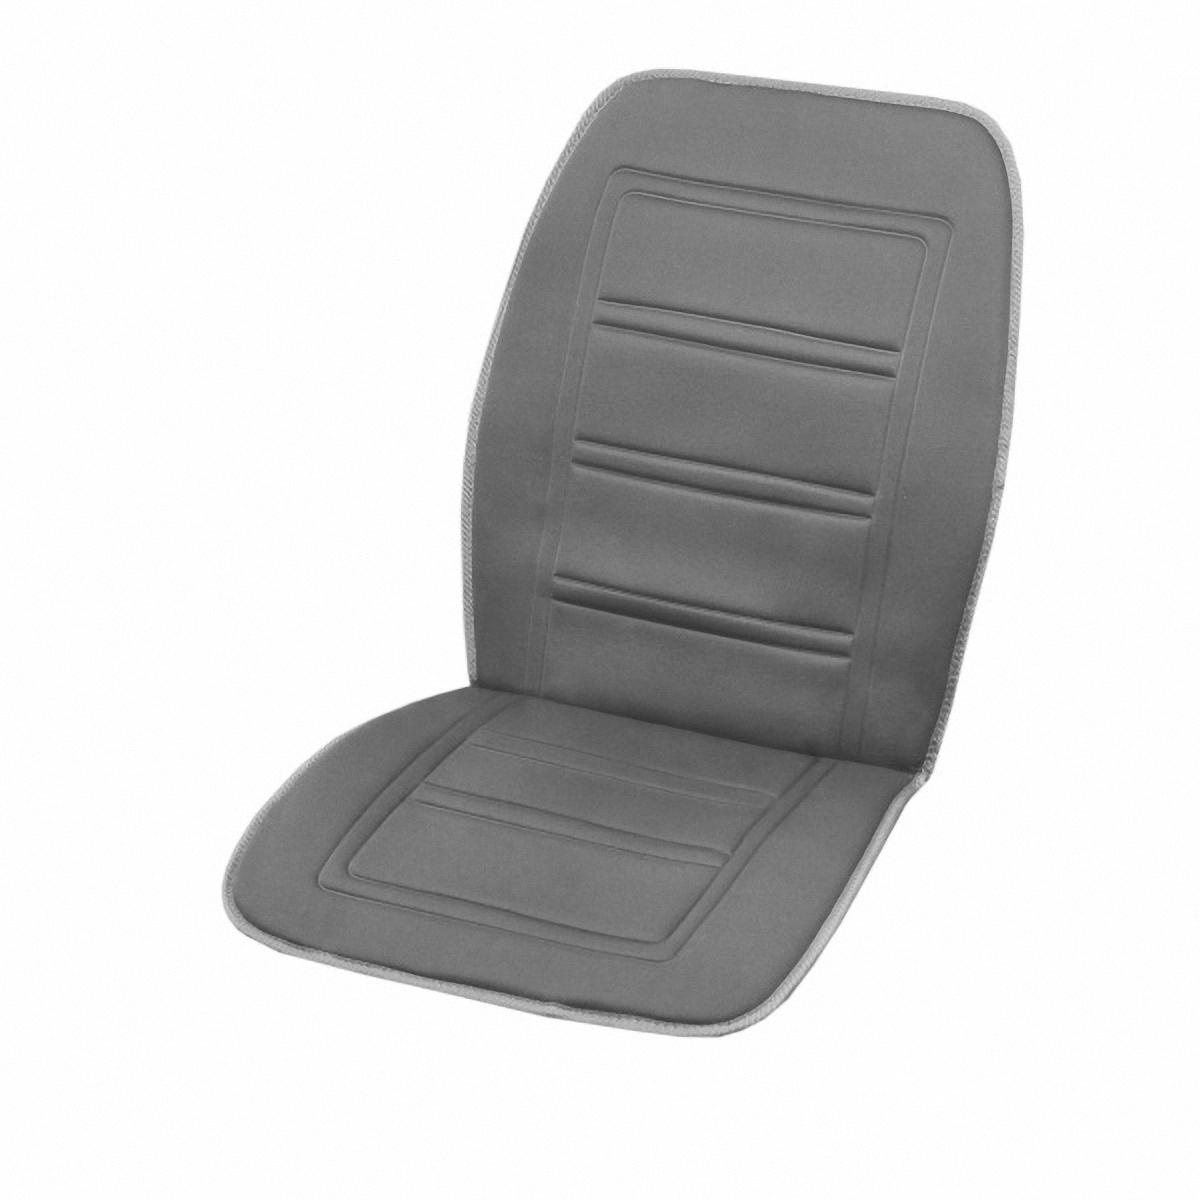 Чехол автомобильный Skyway, с подогревом, цвет: серый, 95 х 47 смS02201009Чехол на сиденье Skyway предназначен для обогрева водителя или пассажира в автомобиле. Особенности:Универсальный размер.Снижает усталость при управлении автомобилем.Обеспечивает комфортное вождение в холодное время года. Простая и быстрая установка.Умеренный и интенсивный режим нагрева.Терморегулятор для изменения интенсивности нагрева.Защита крепления шнура питания к подогреву.Питание от гнезда прикуривателя 12В.Размер: 95 х 47 см.